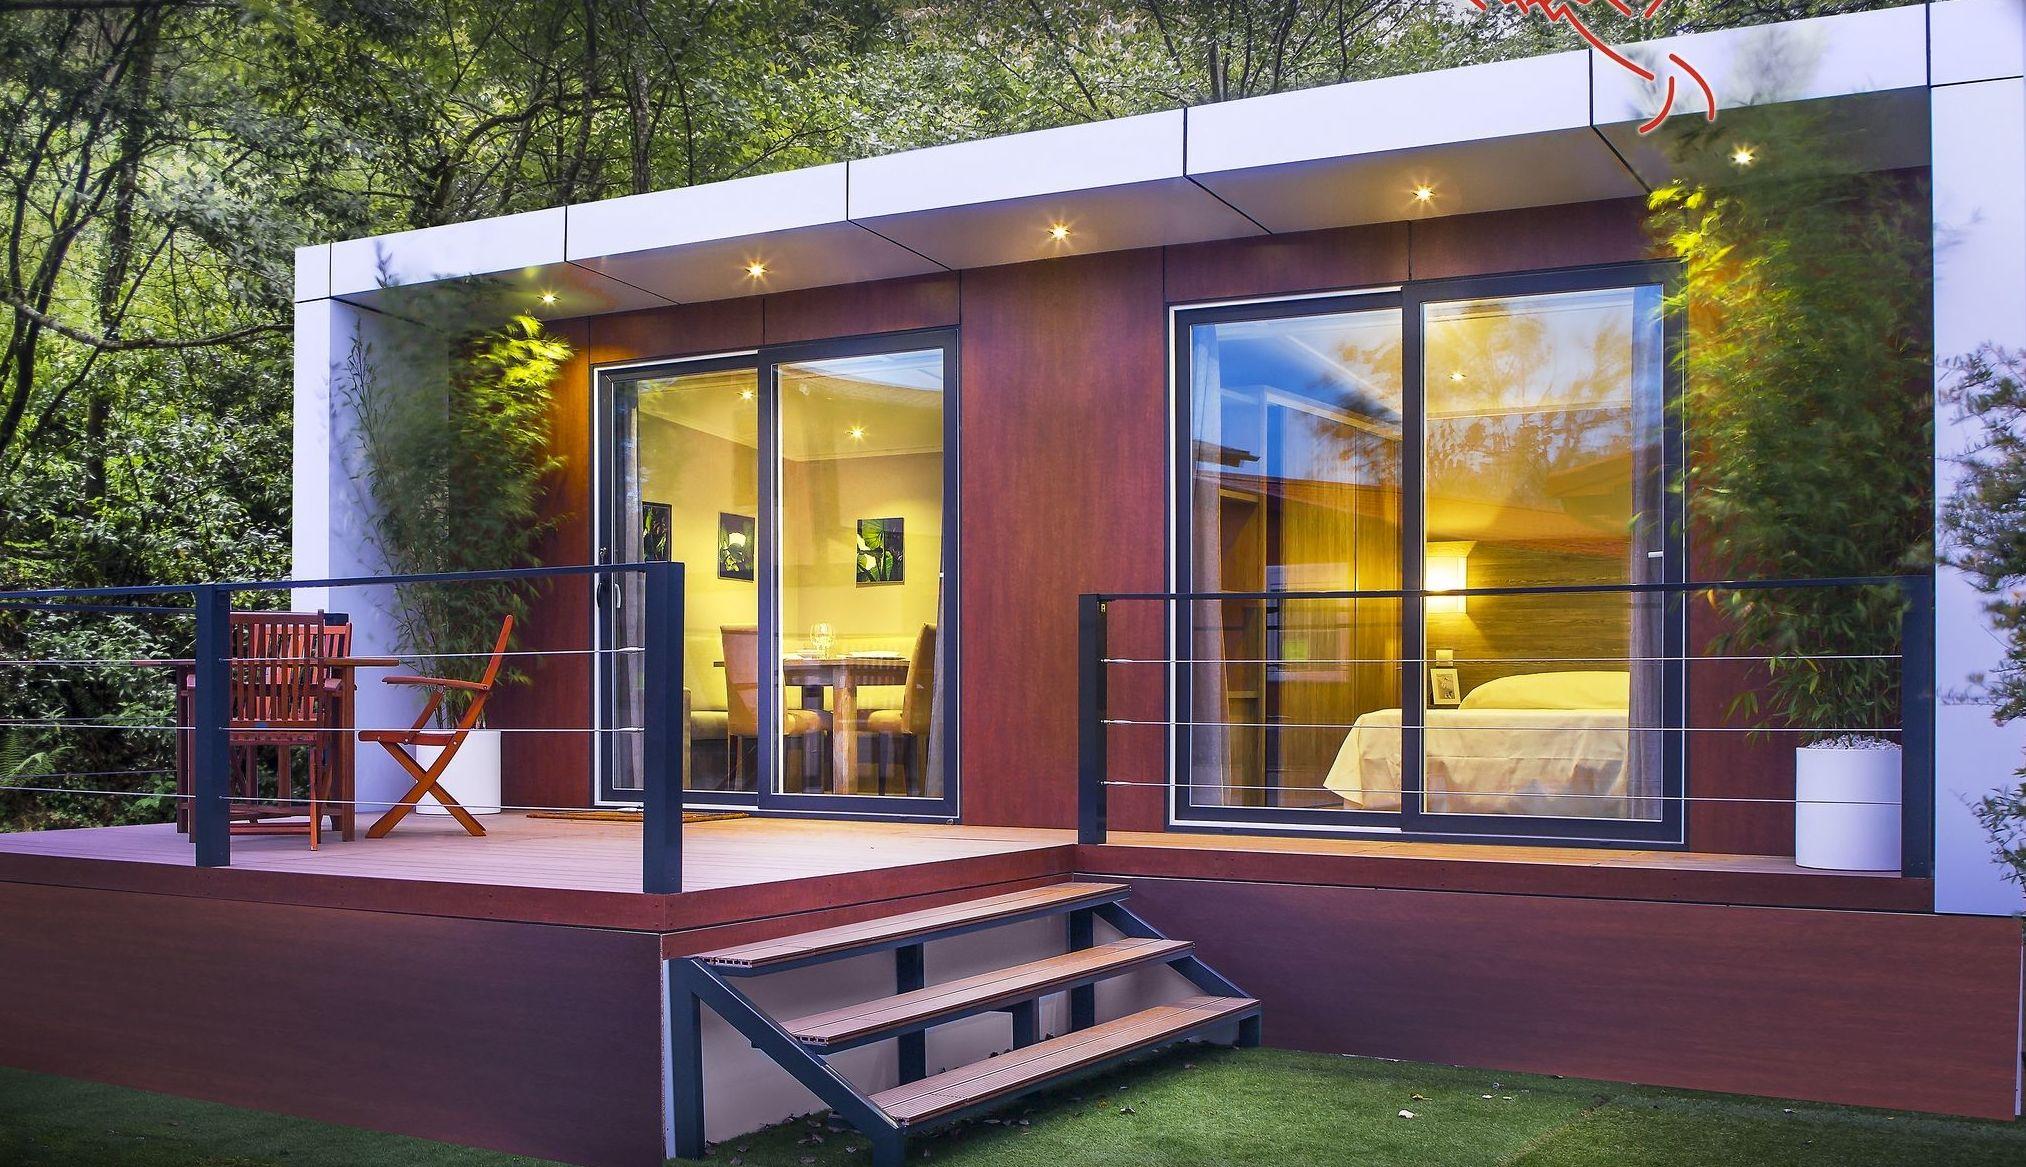 Le entregamos e instalamos la casa con las mejores calidades y servicios consúltenos